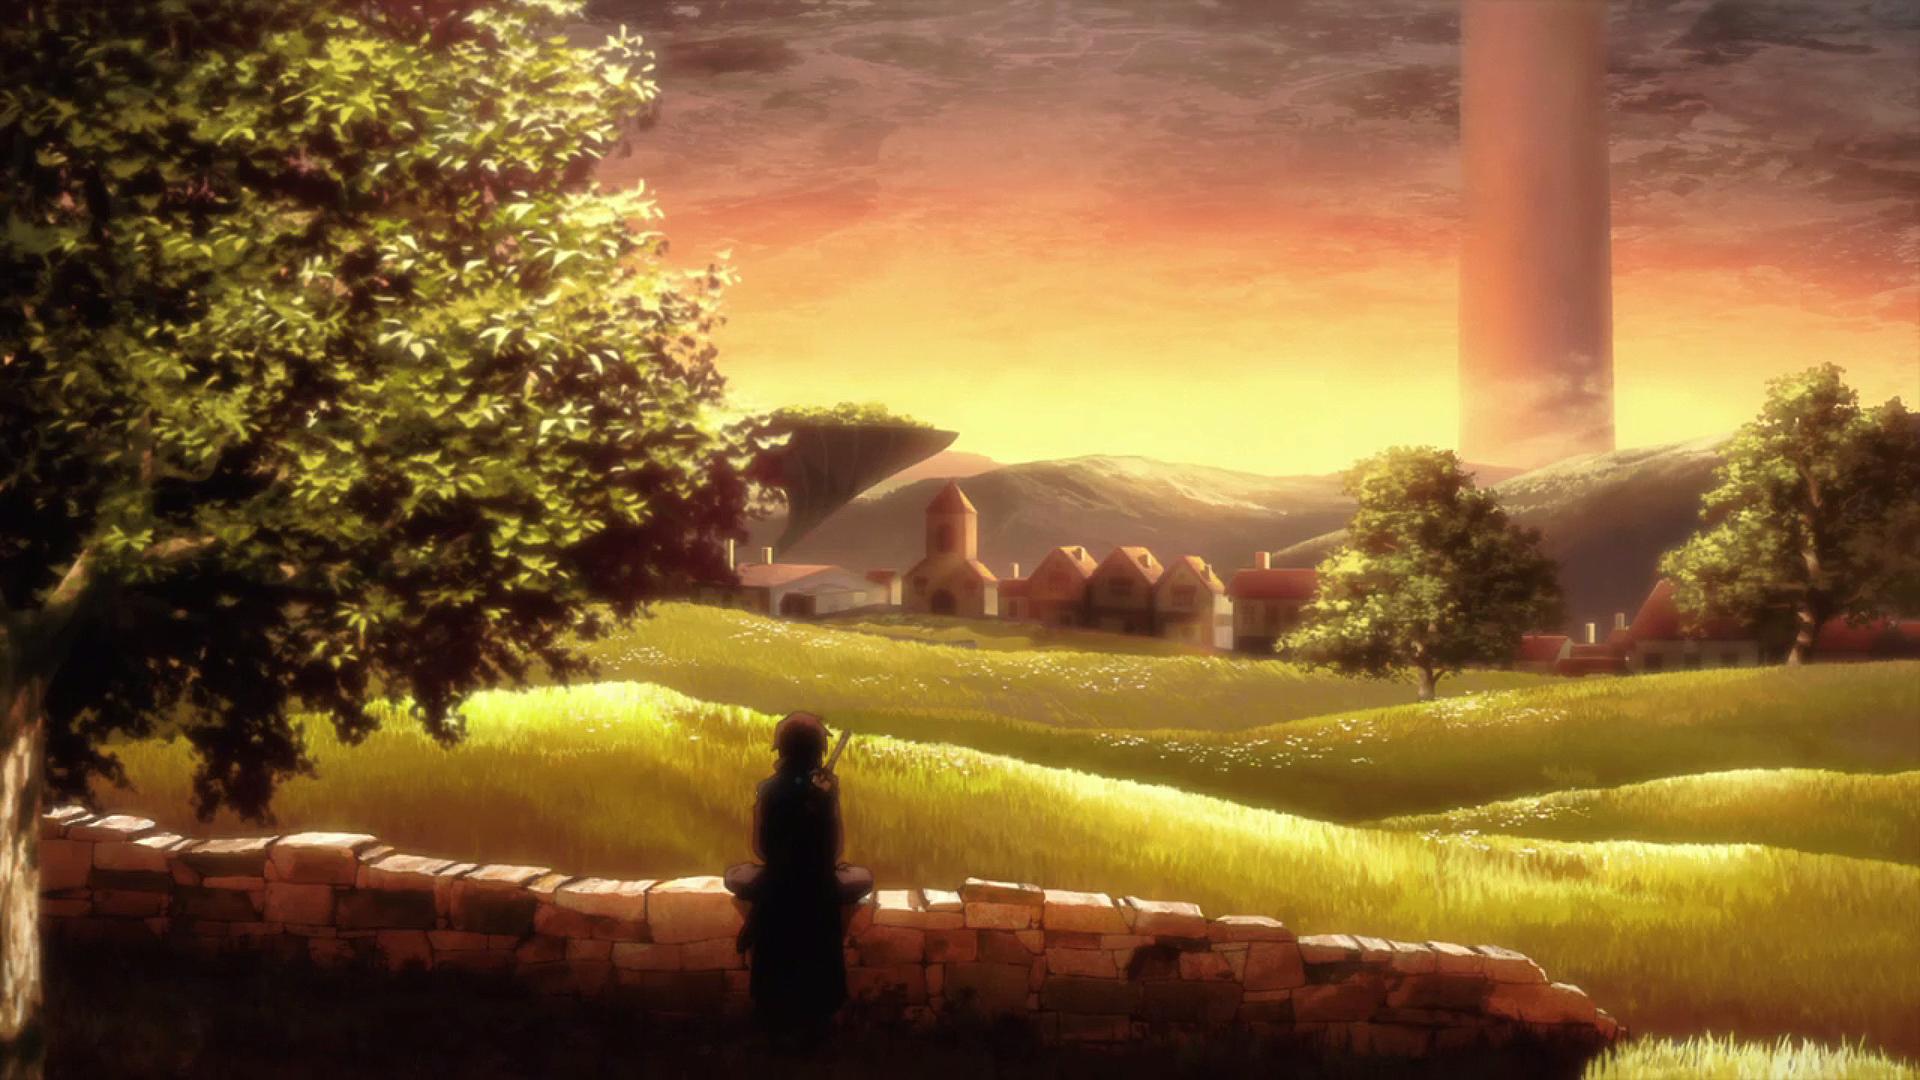 Me Interesar 237 A Hablar Sobre Juegos Vocaloid Anime Etc